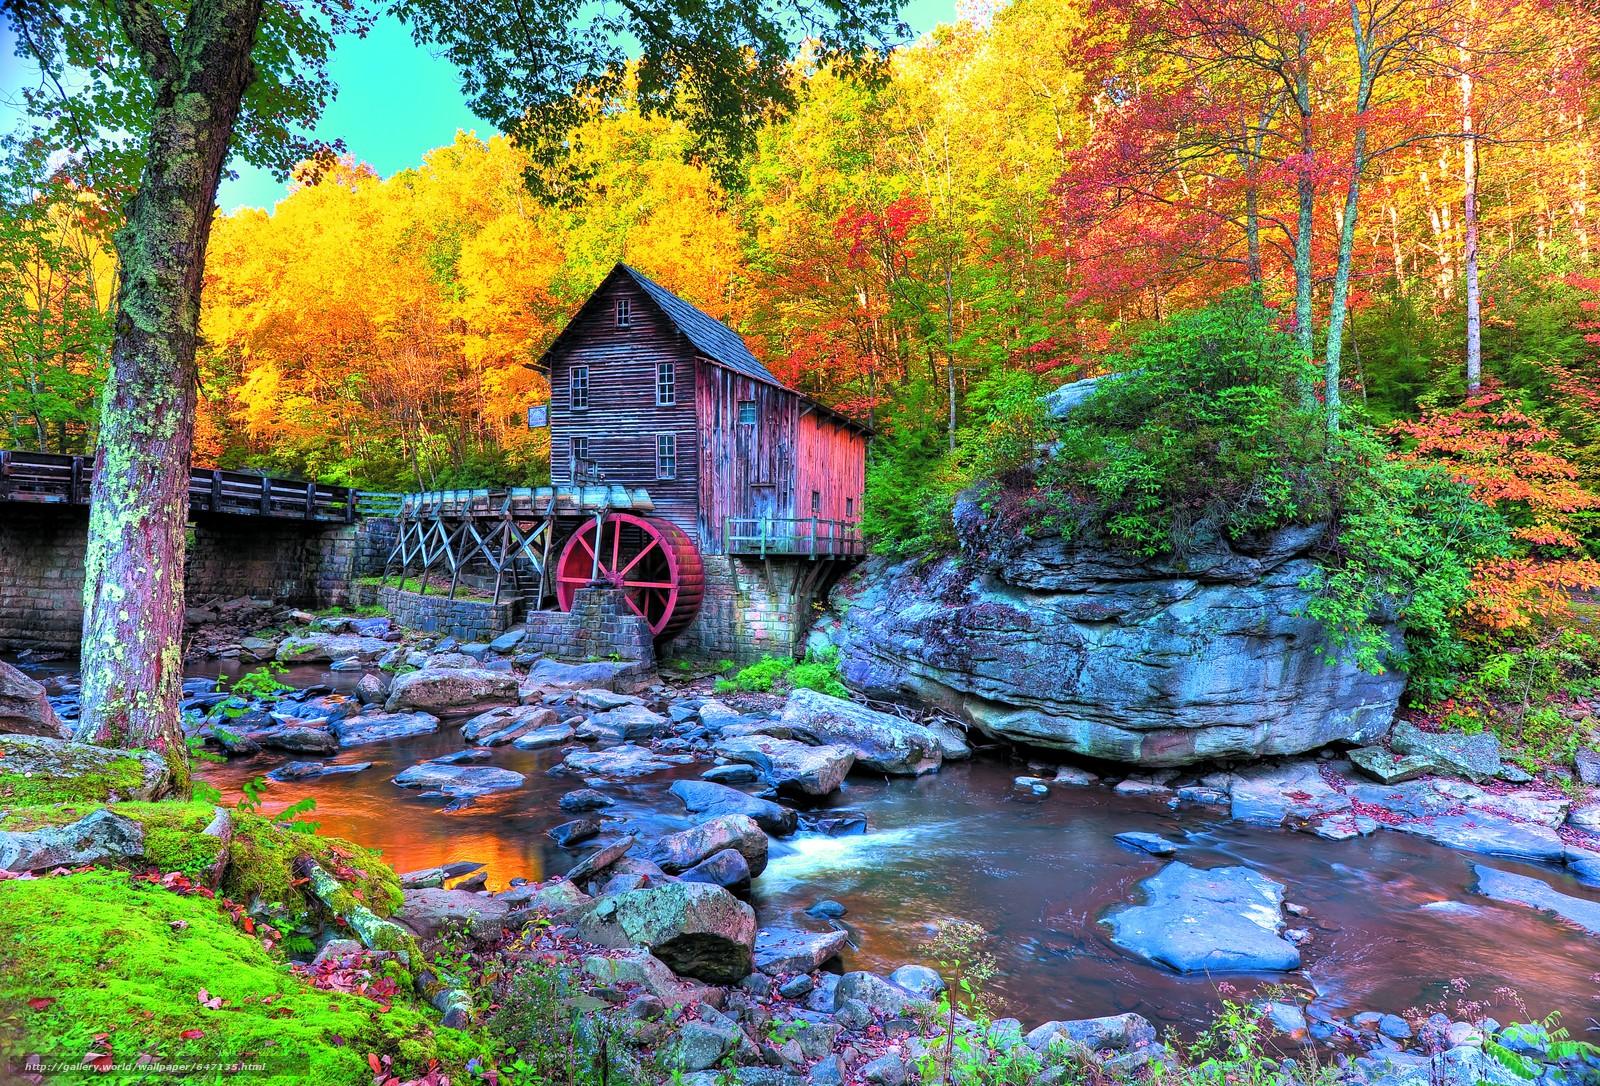 scaricare gli sfondi Glade Creek Grist Mill,  Babcock State Park,  autunno,  cascata Sfondi gratis per la risoluzione del desktop 7984x5420 — immagine №647135